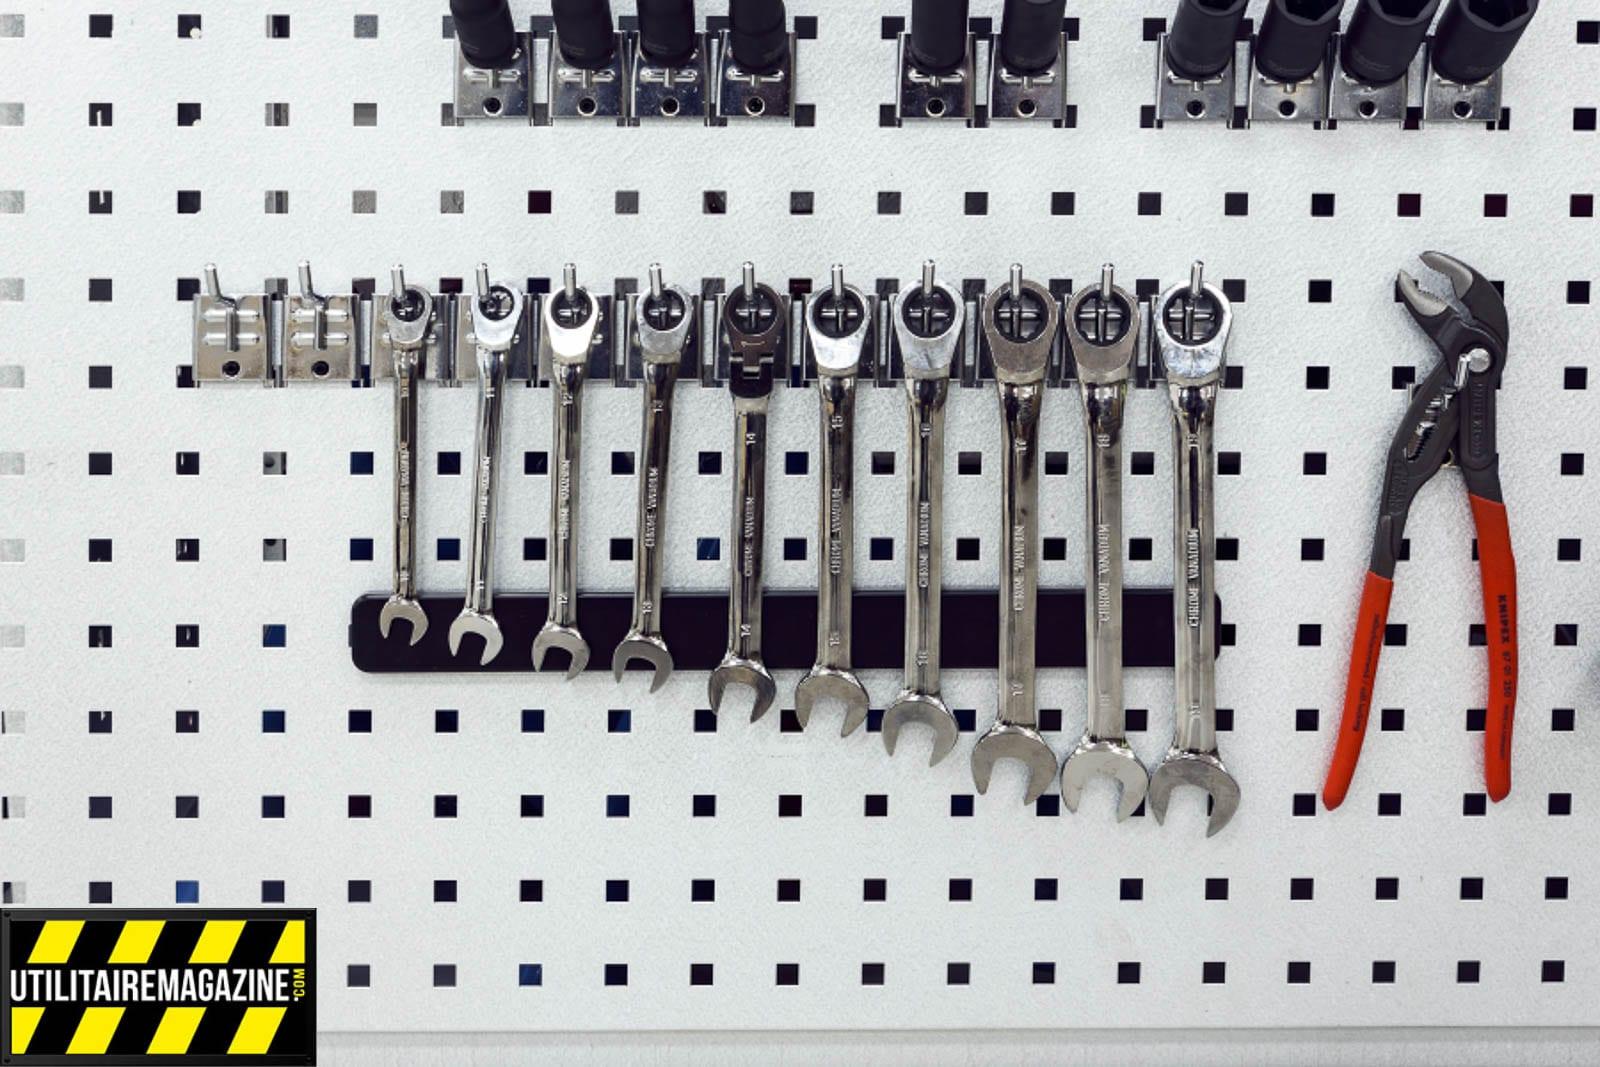 Aménagement utilitaire Work System avec des aimants pour maintenir vos outils en place sur vos crochets